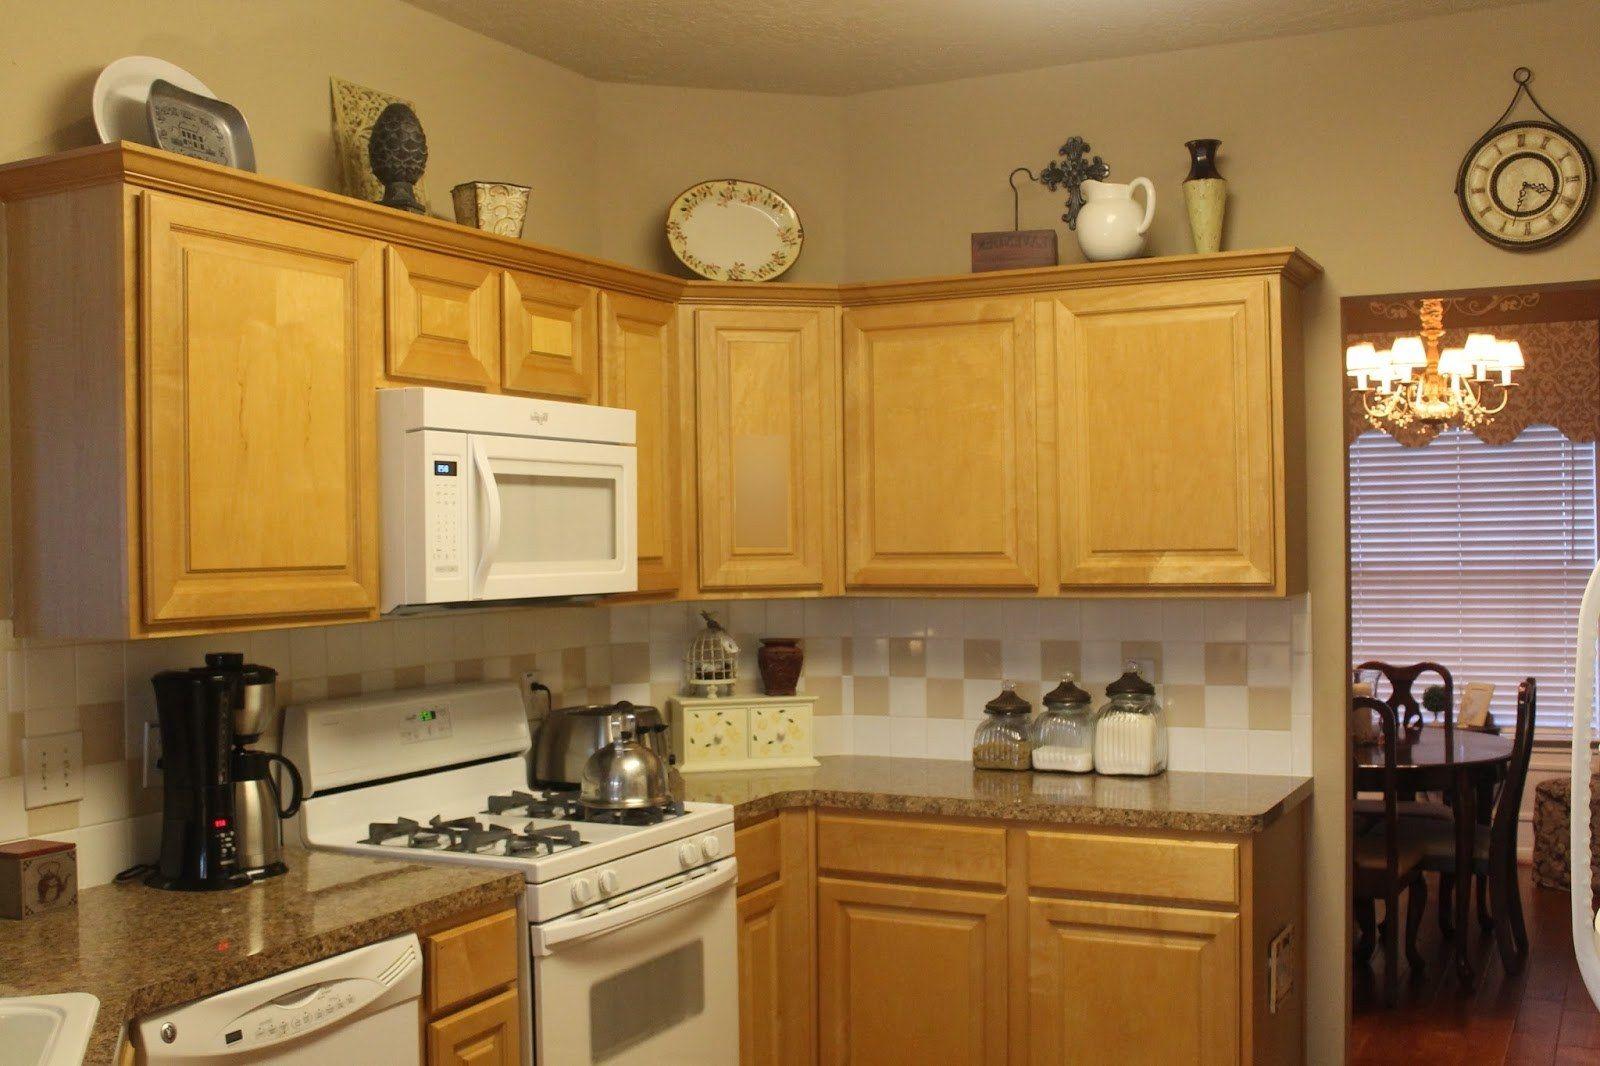 Kitchen Cabinet Decorative Accents - Best Kitchen ...